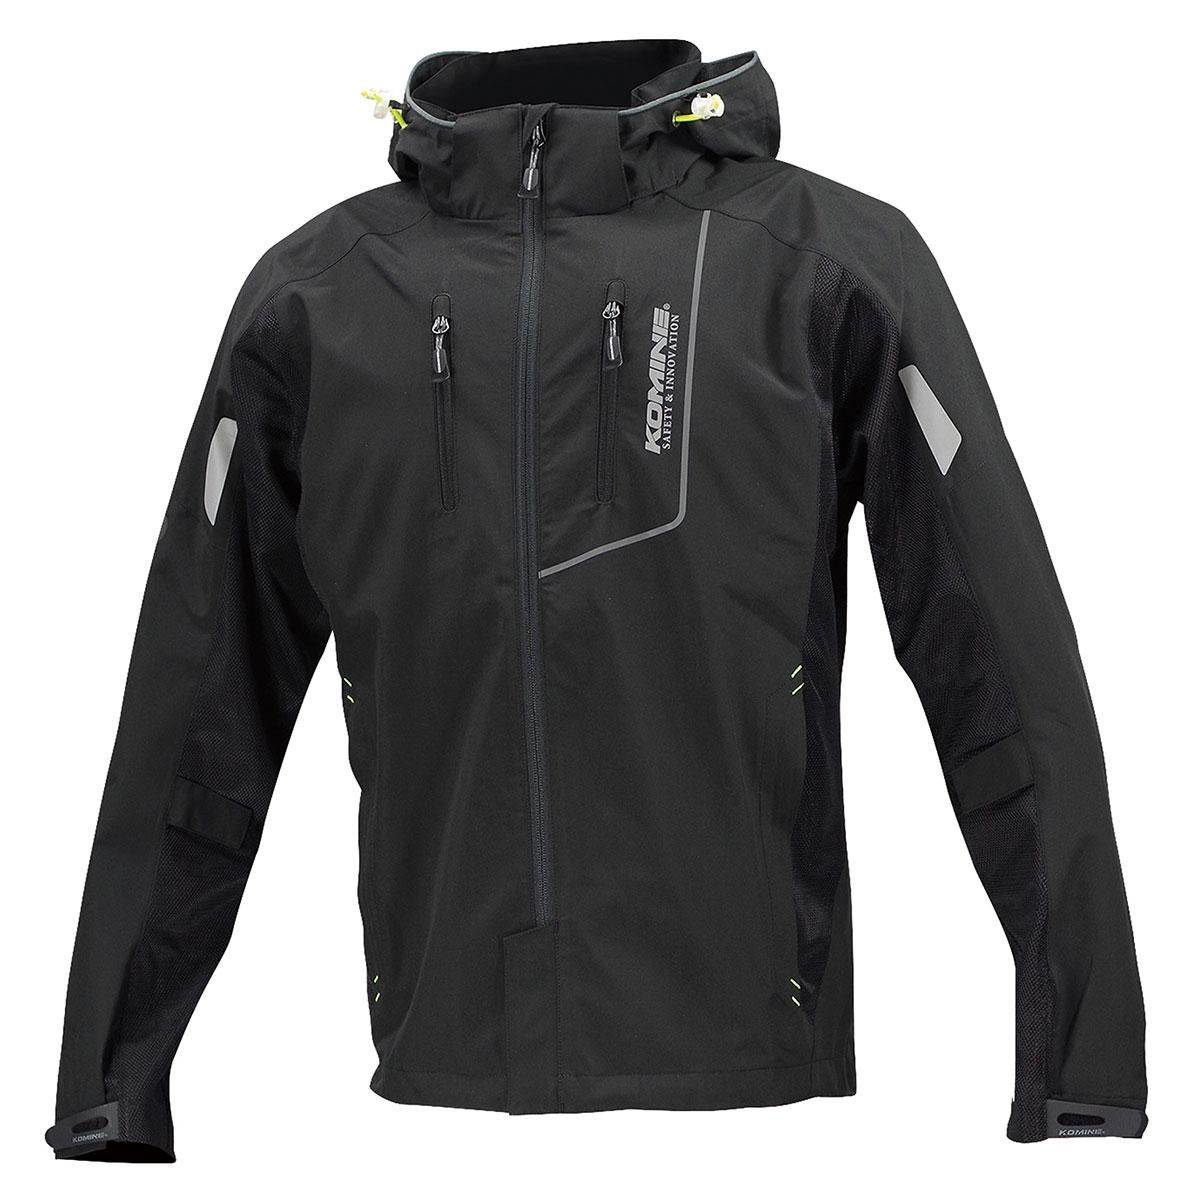 コミネ (Komine) バイク用 ジャケット Jacket JK-112 プロテクトハーフメッシュパーカ ゲンリ ブラック 4XLサイズ 07-112/BK/4XL